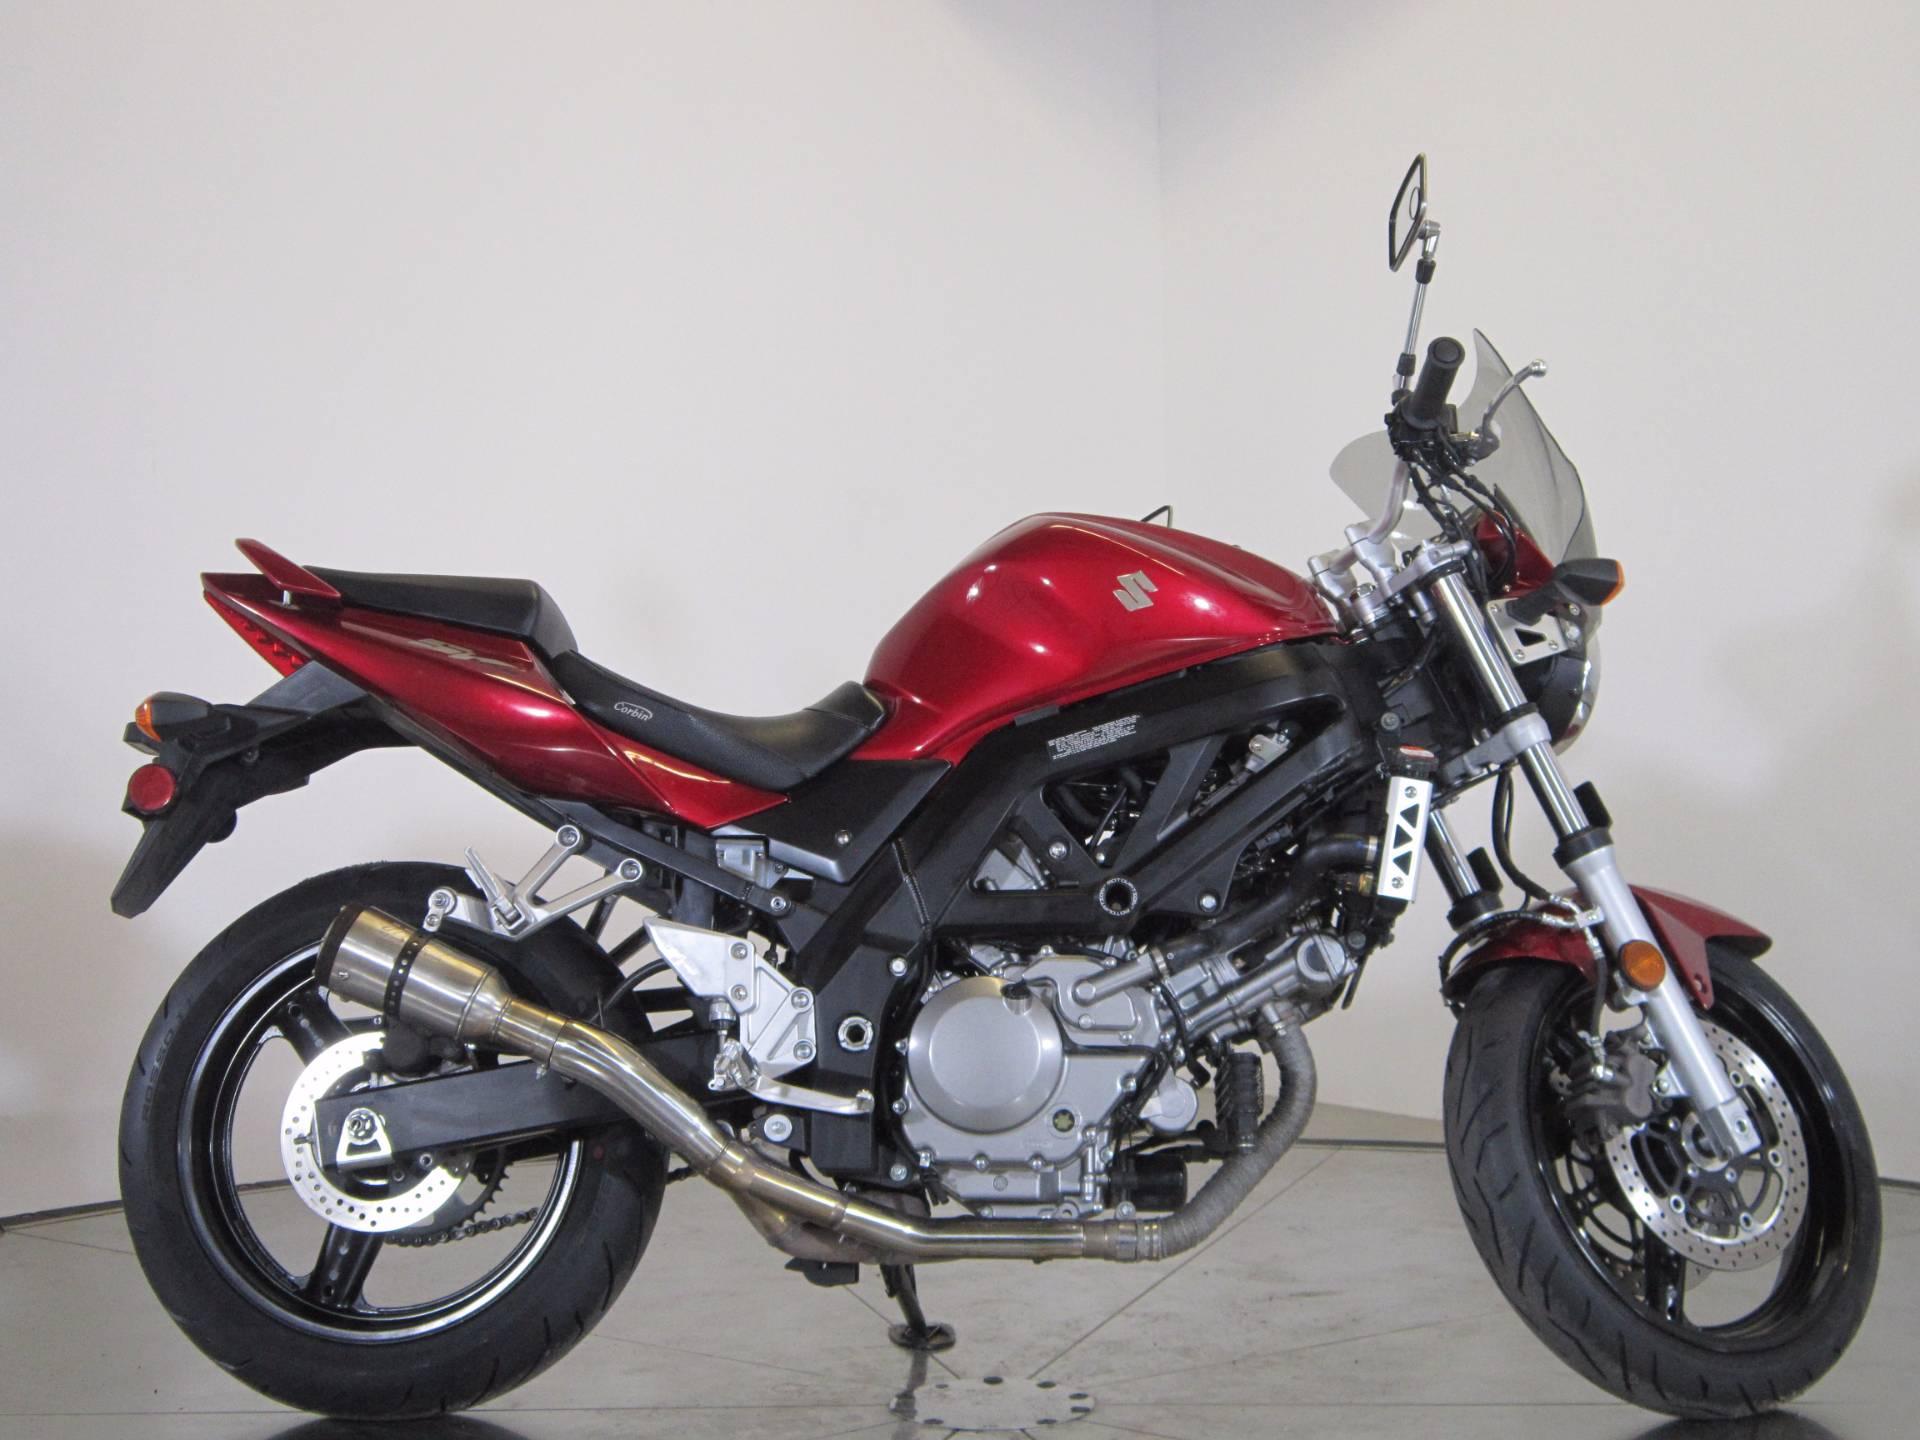 2007 Suzuki SV650S for sale 58575